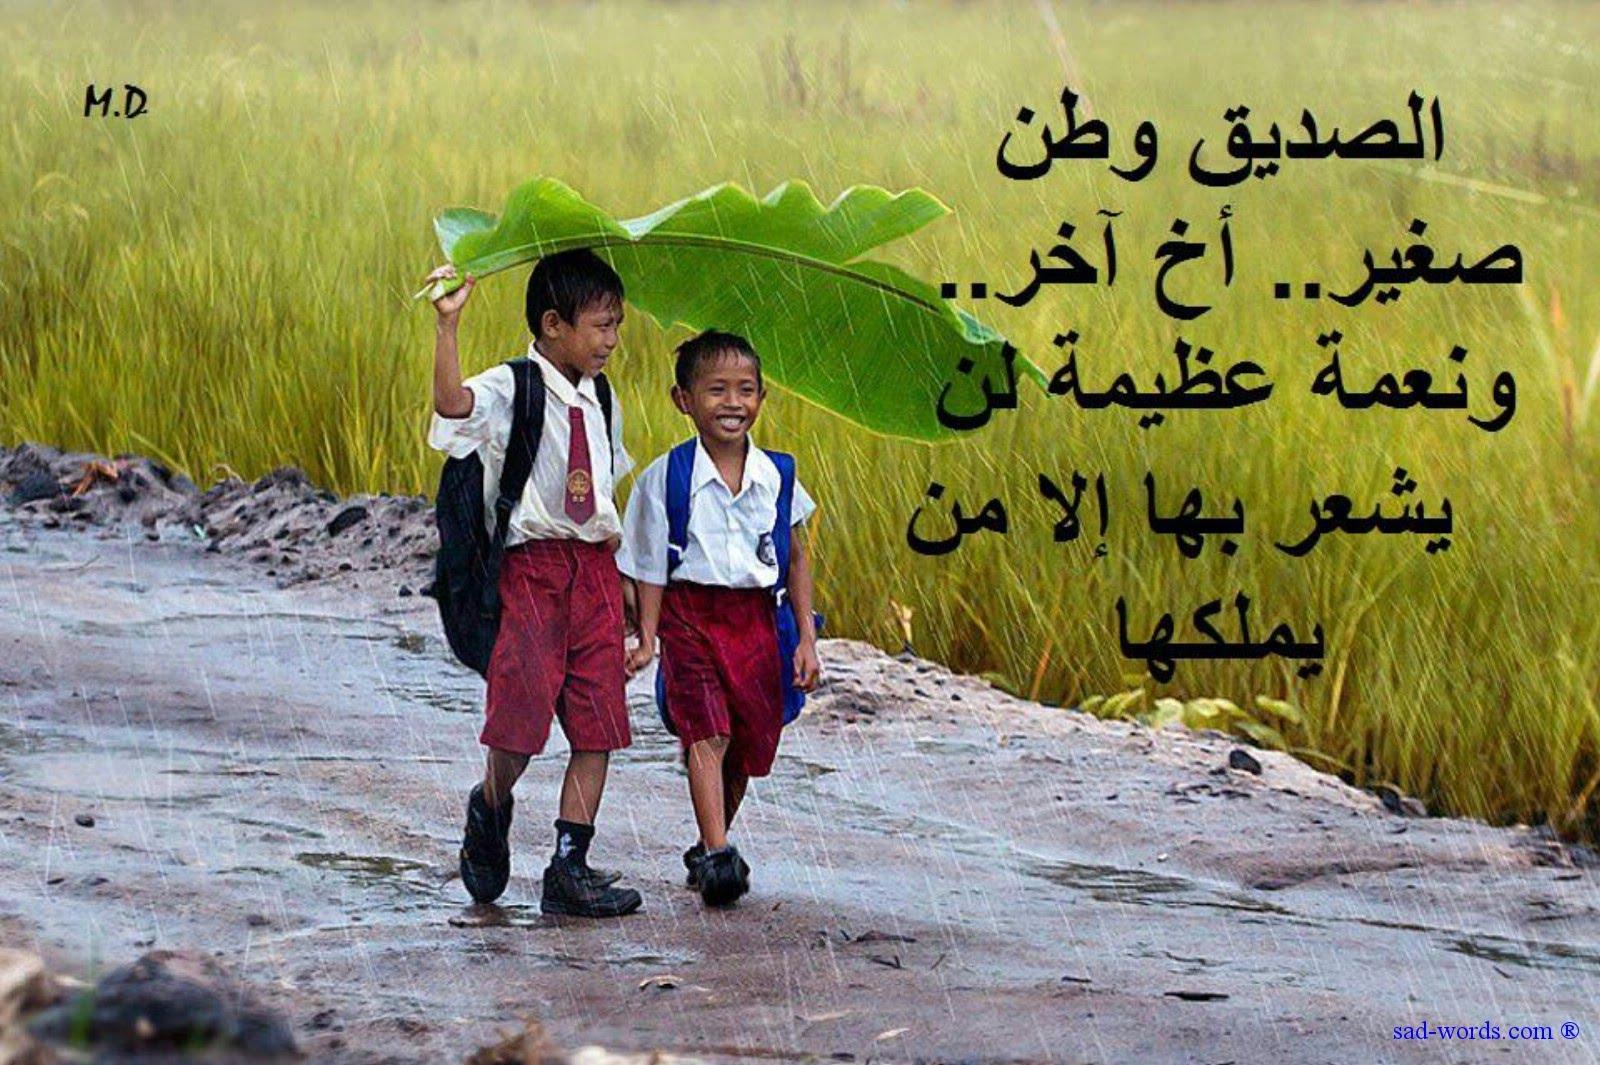 بالصور صور عن صداقه , اجمل علاقة في الدنيا unnamed file 1367